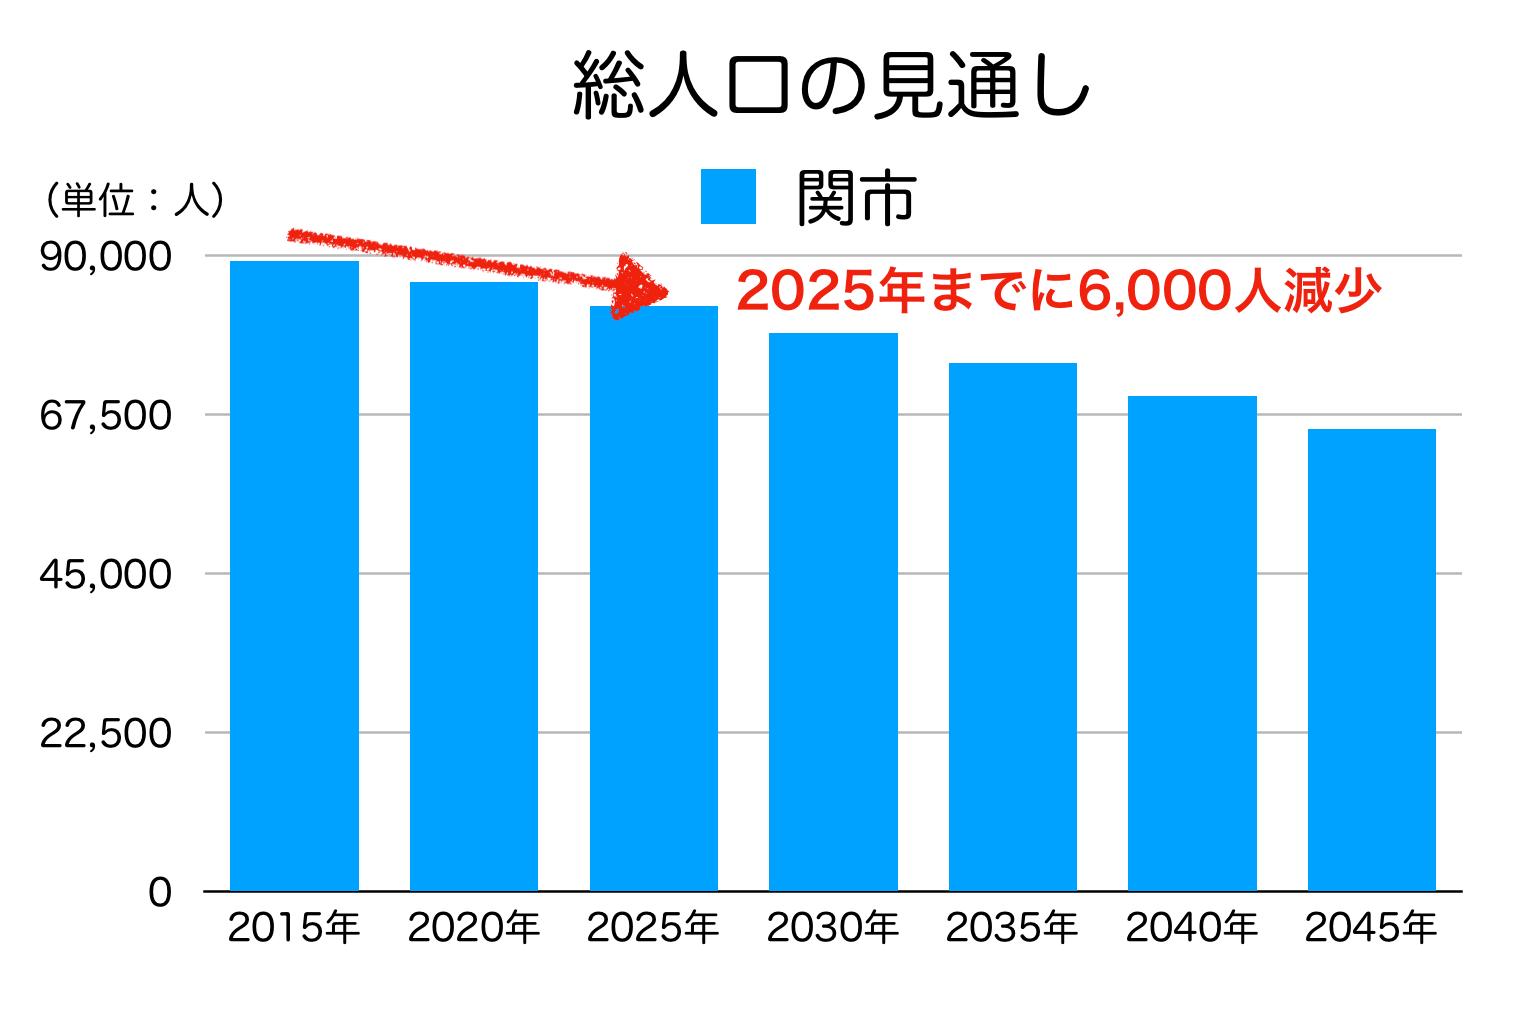 関市の人口予測